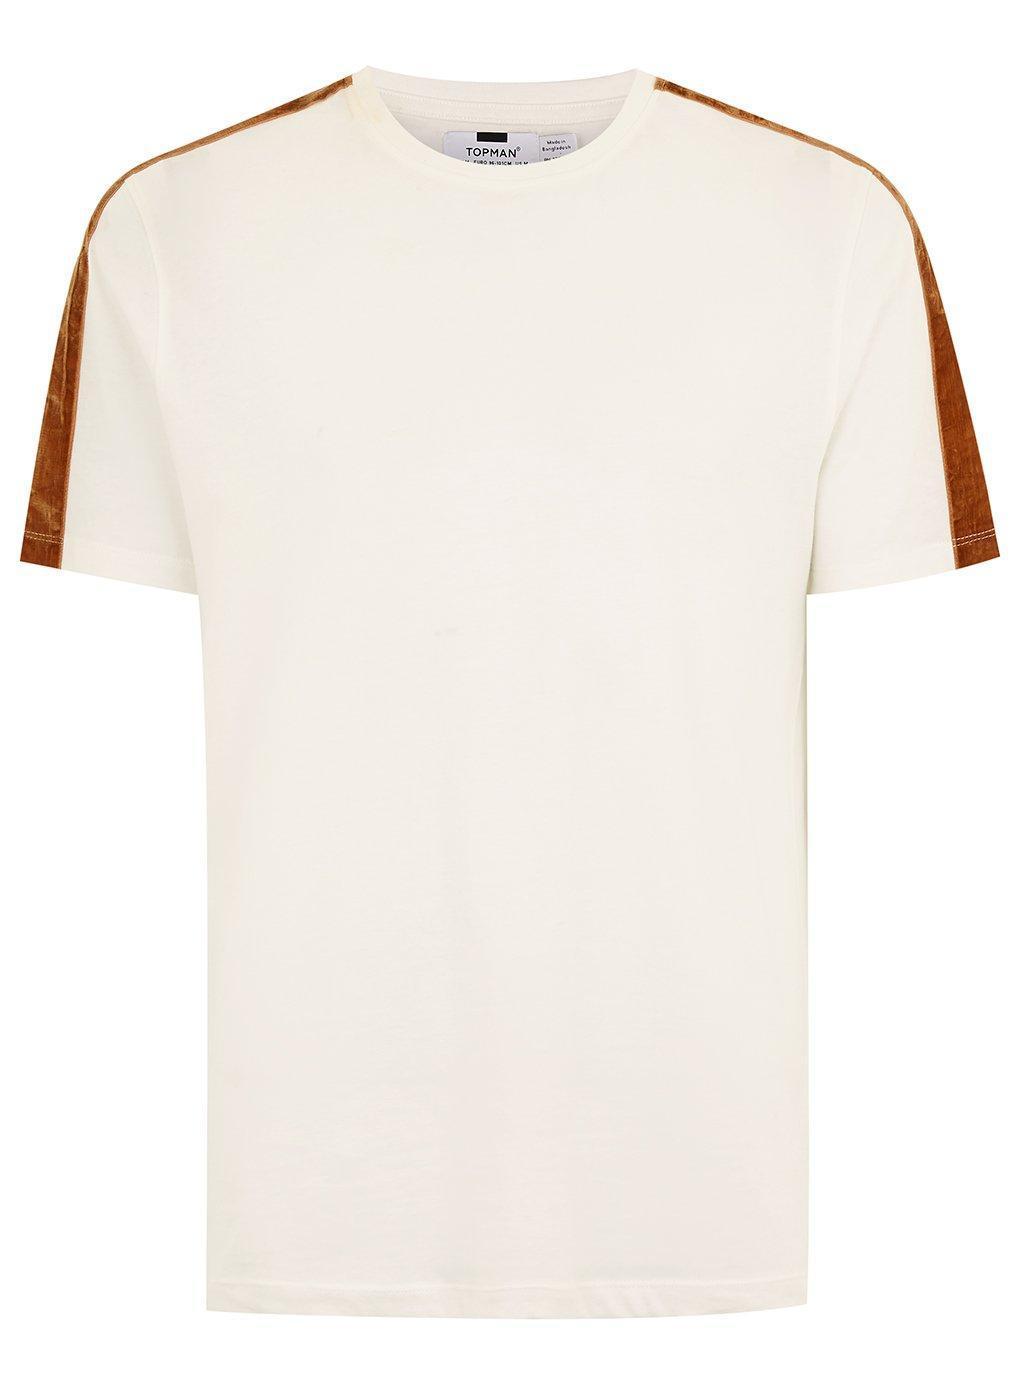 c8910e41 Topman - Multicolor Ecru Velour Taping T-shirt for Men - Lyst. View  fullscreen